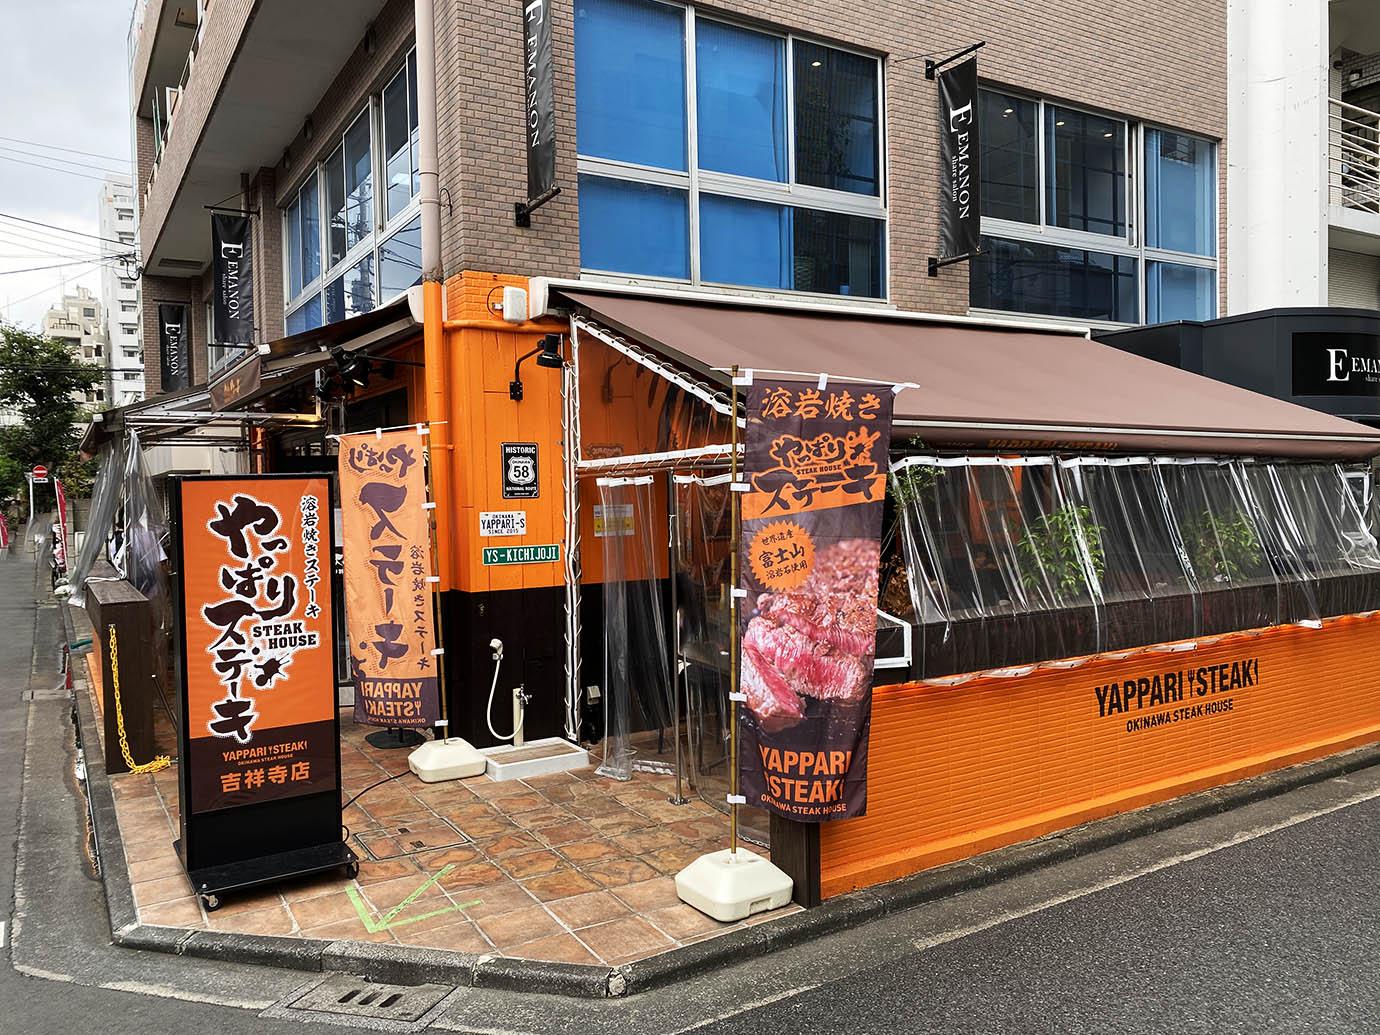 yappari-steak-tokyo4